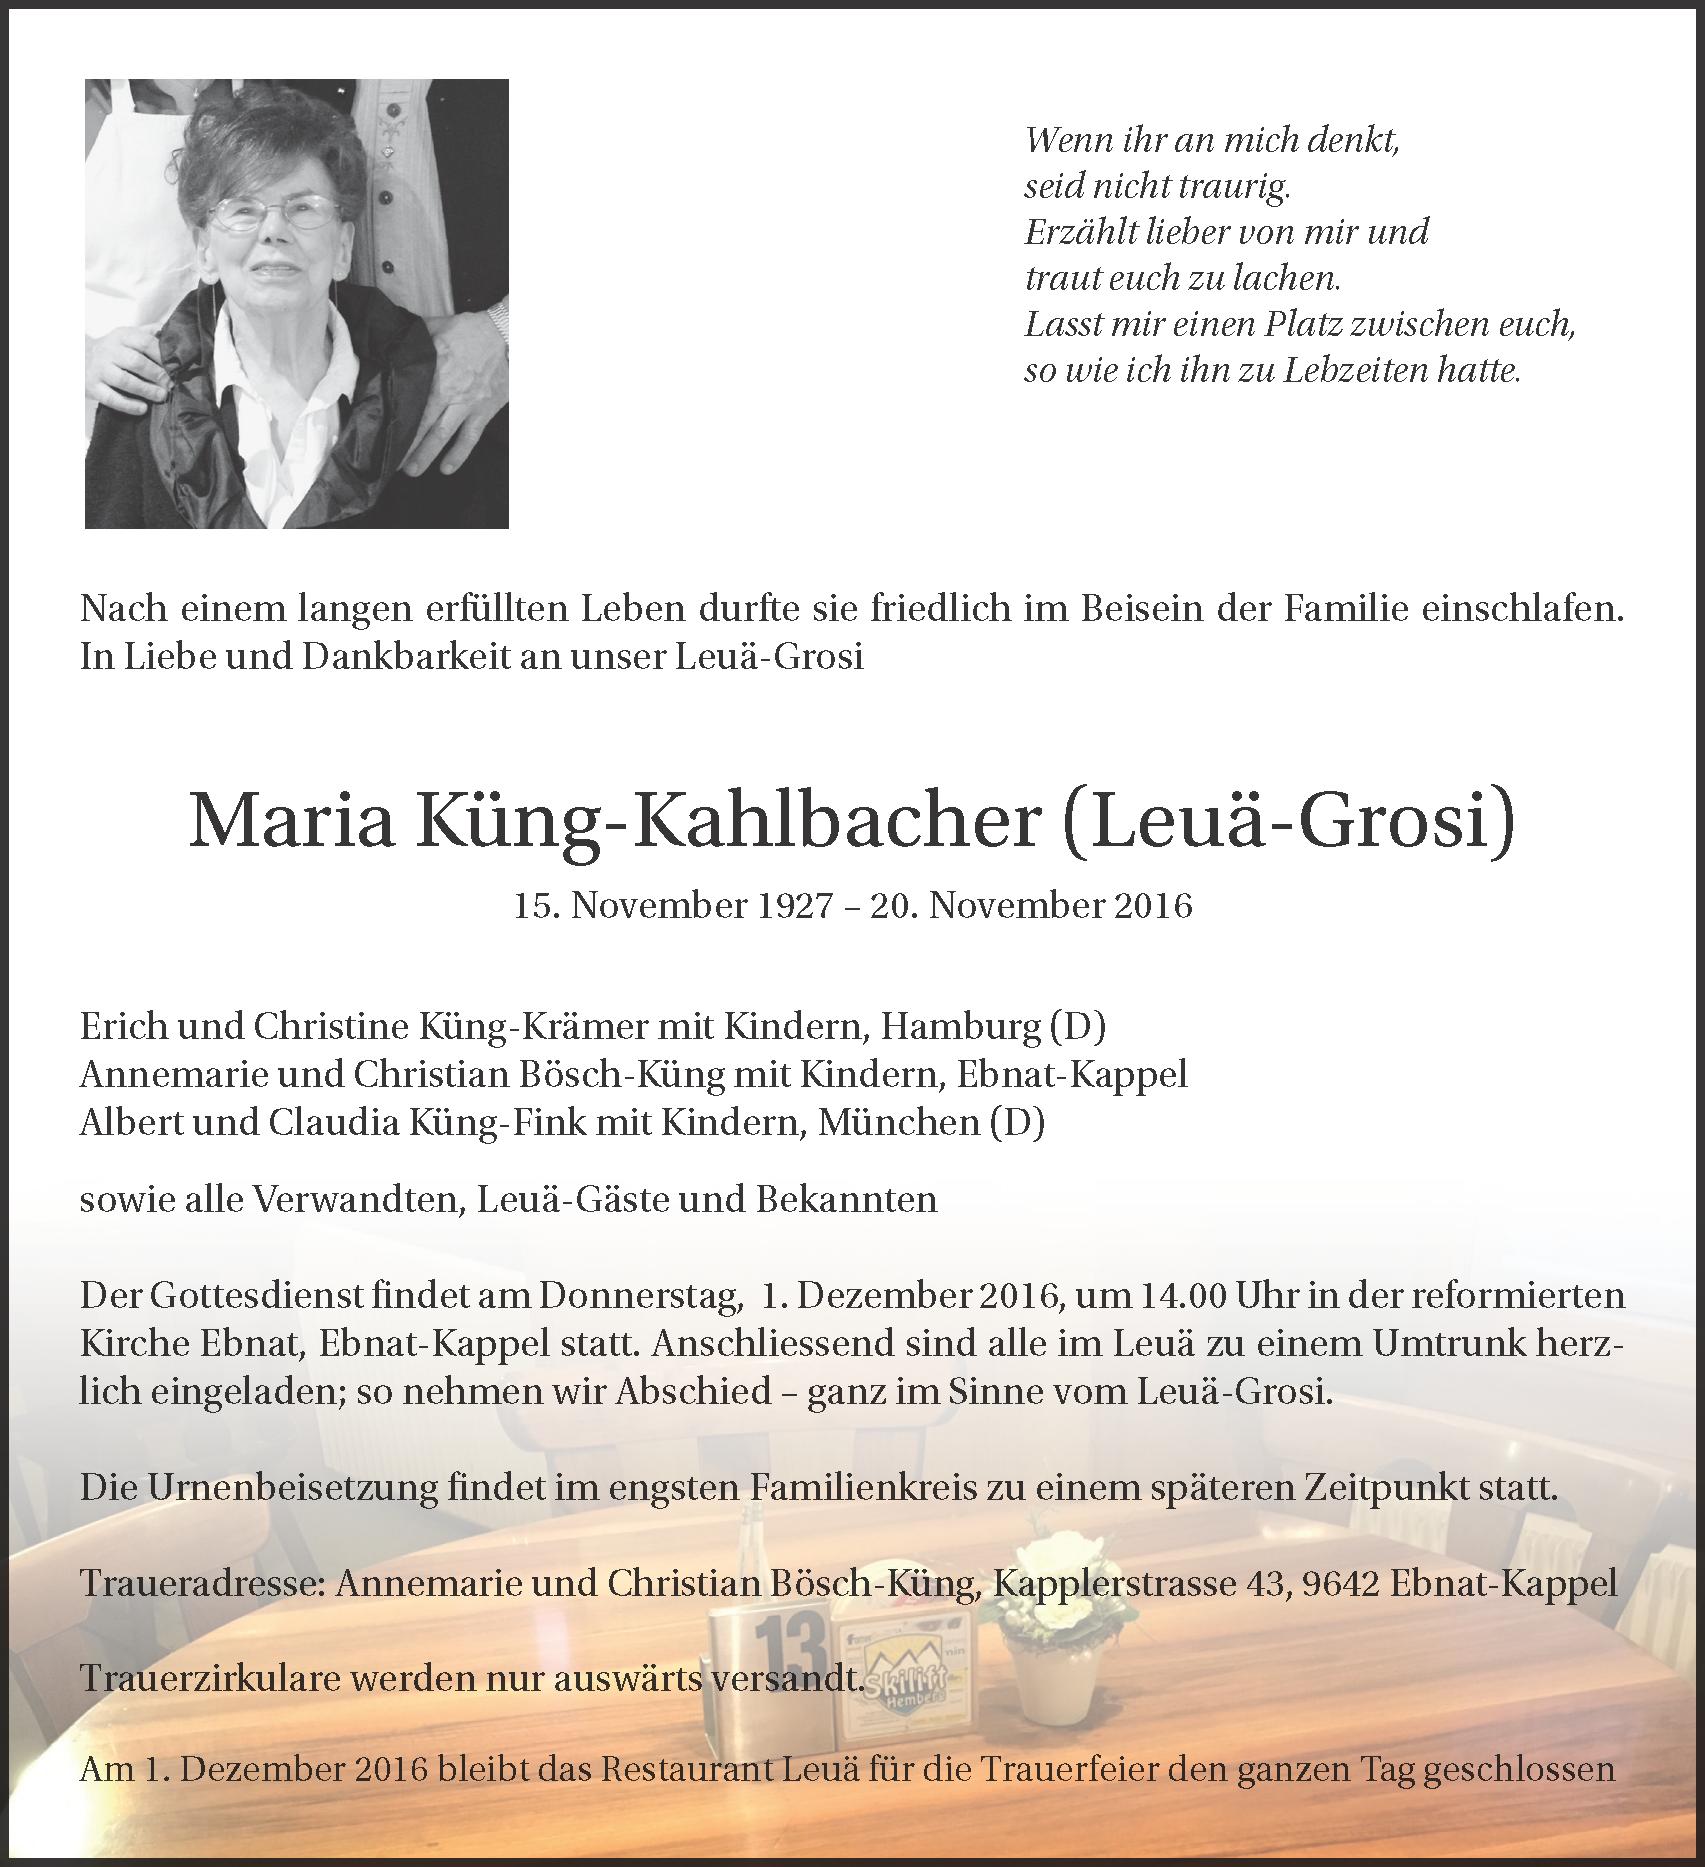 traueranzeige_maria_kueng_kahlbacher